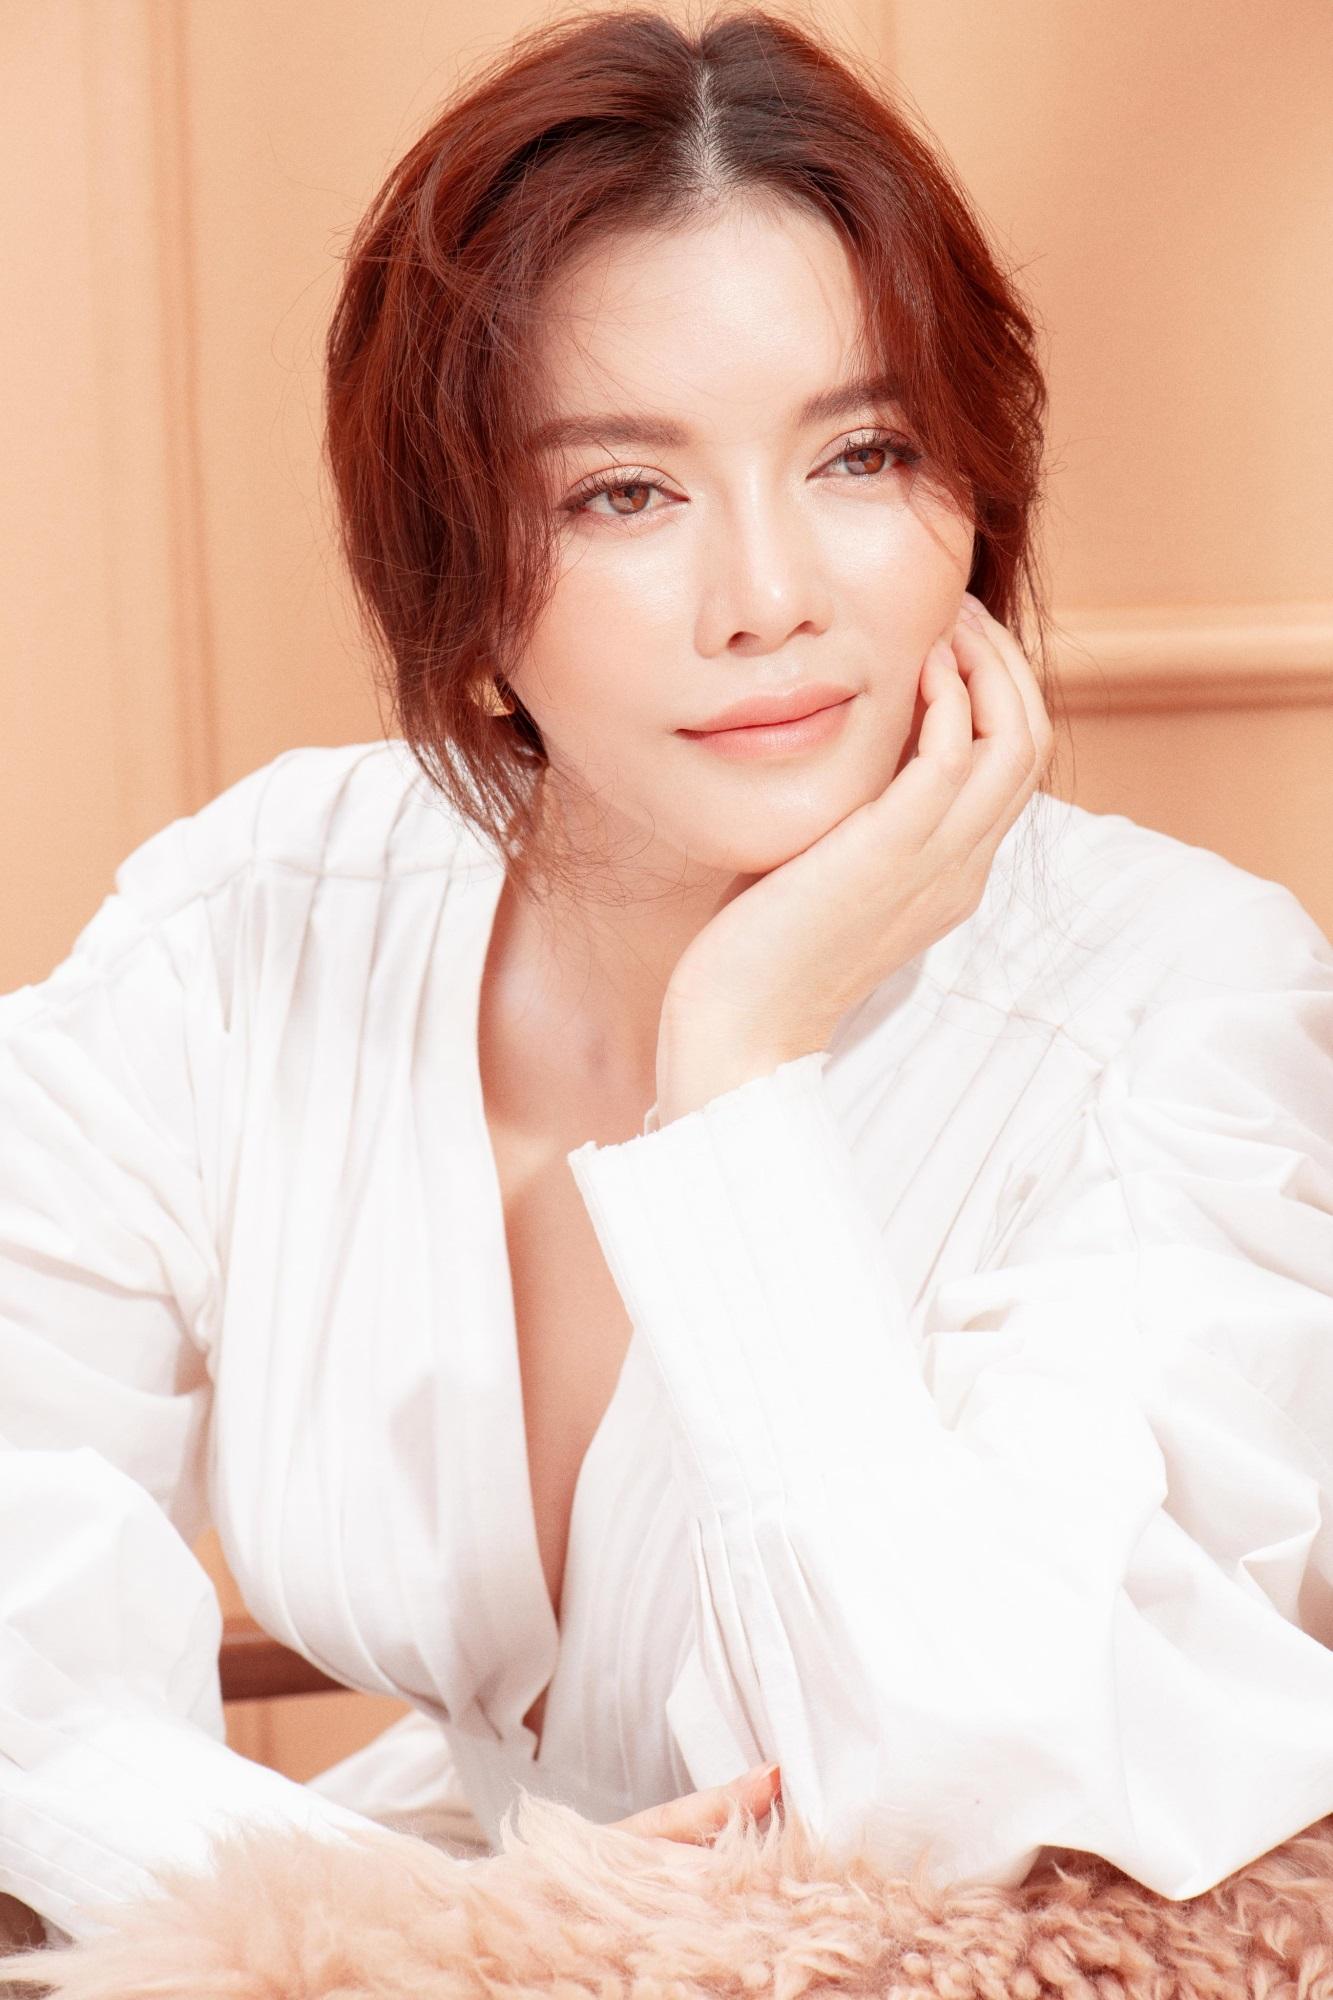 'Nữ hoàng kim cương' Lý Nhã Kỳ khiến fan mê mệt khi diện trang phục xẻ ngực gợi cảm - Ảnh 9